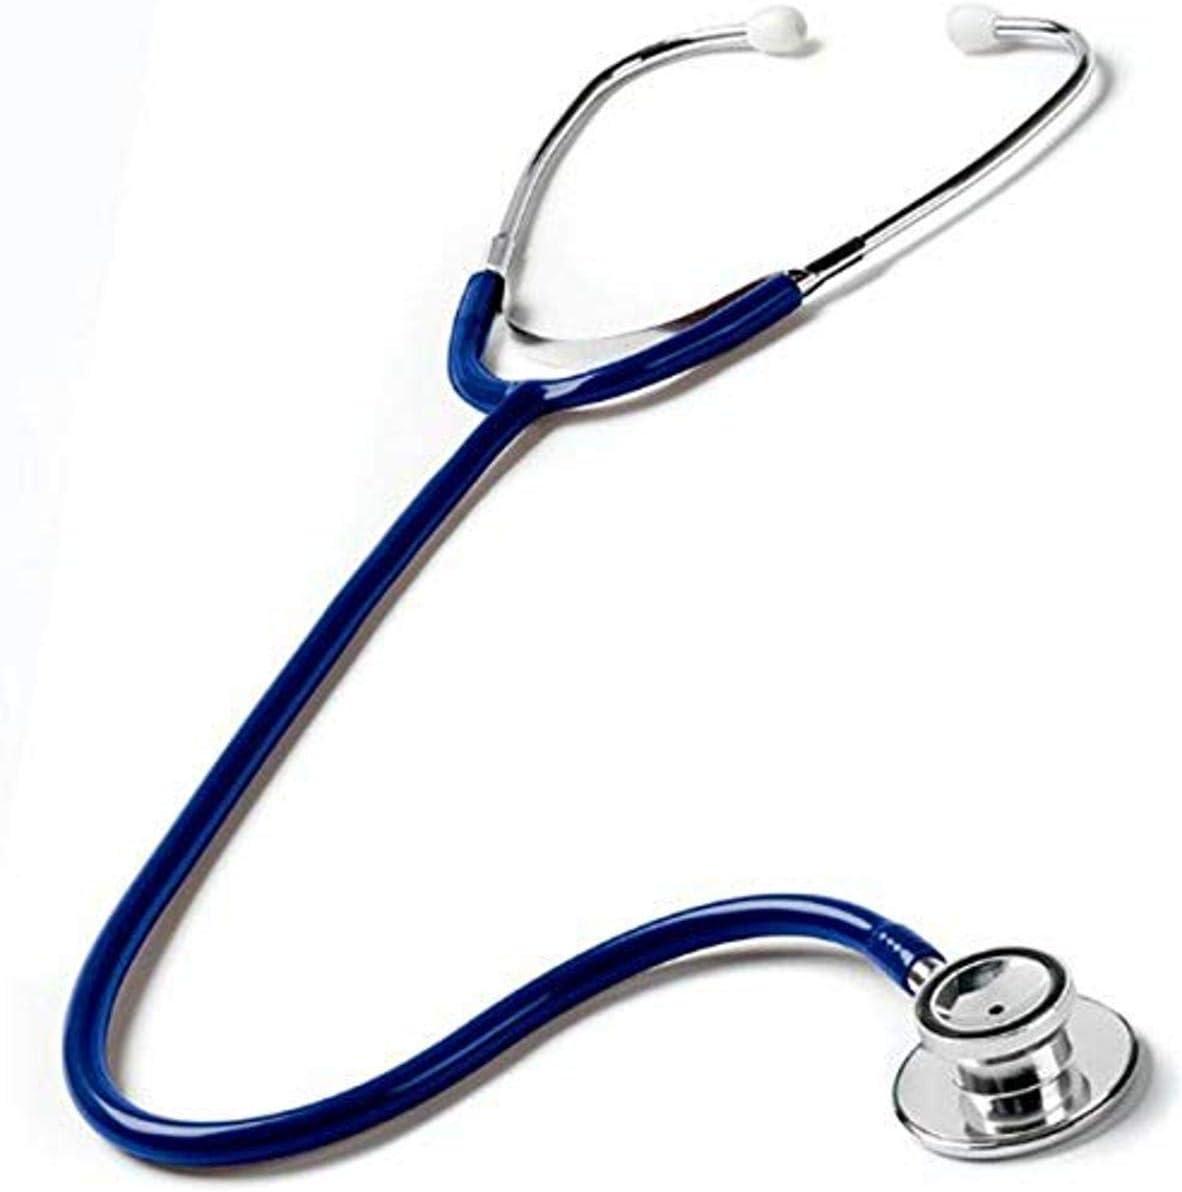 Prestige Medical S108-NAV - Estetoscopio con doble cabezal, color azul marino